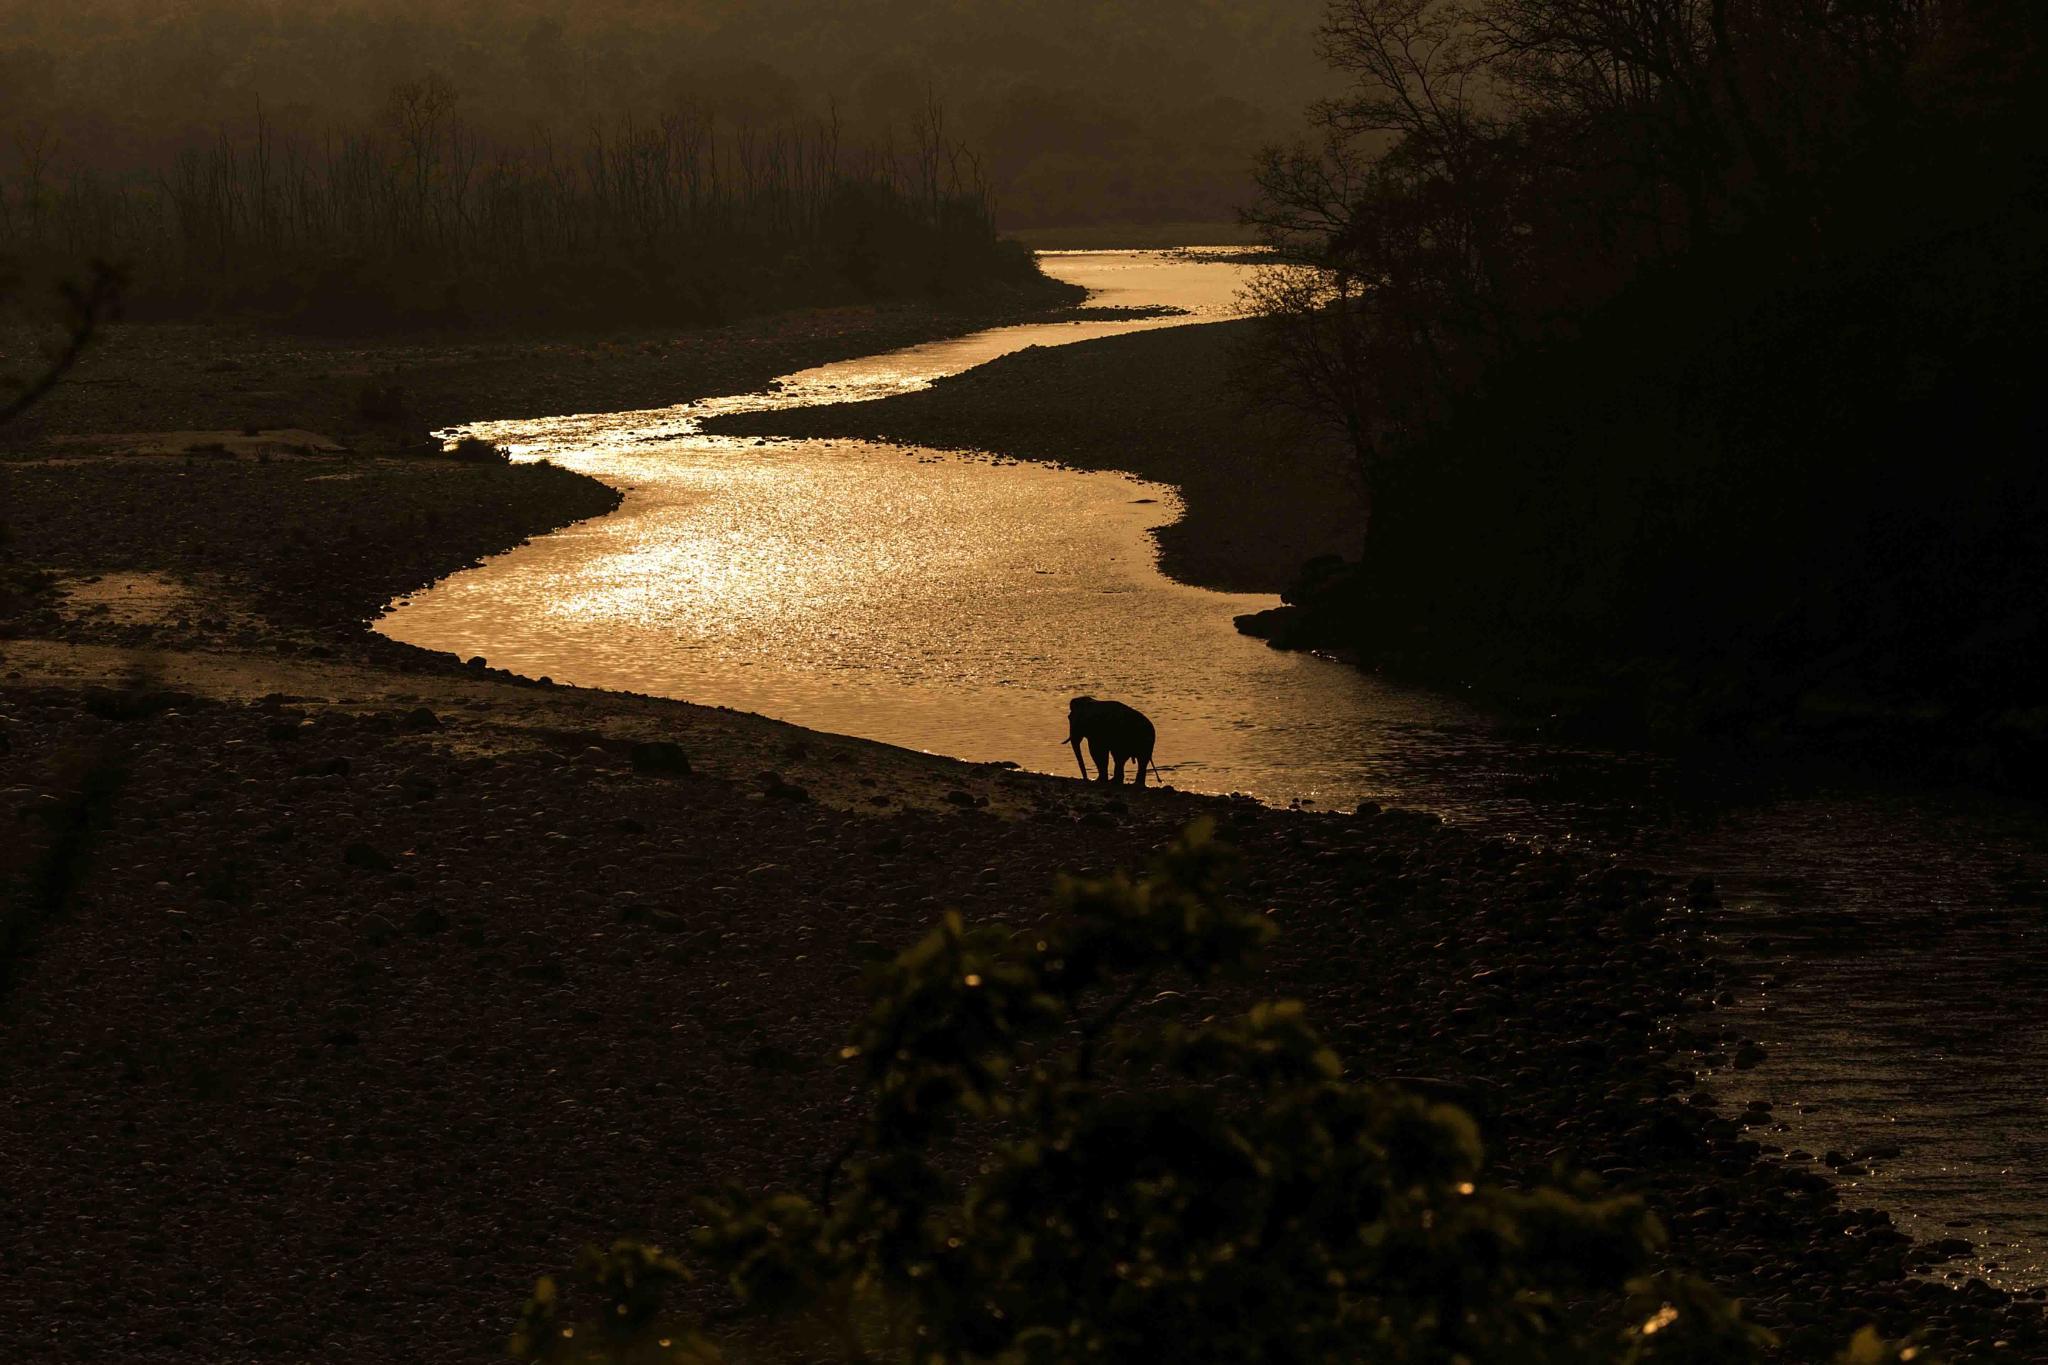 Lone Tusker - Silhoutte by guran60